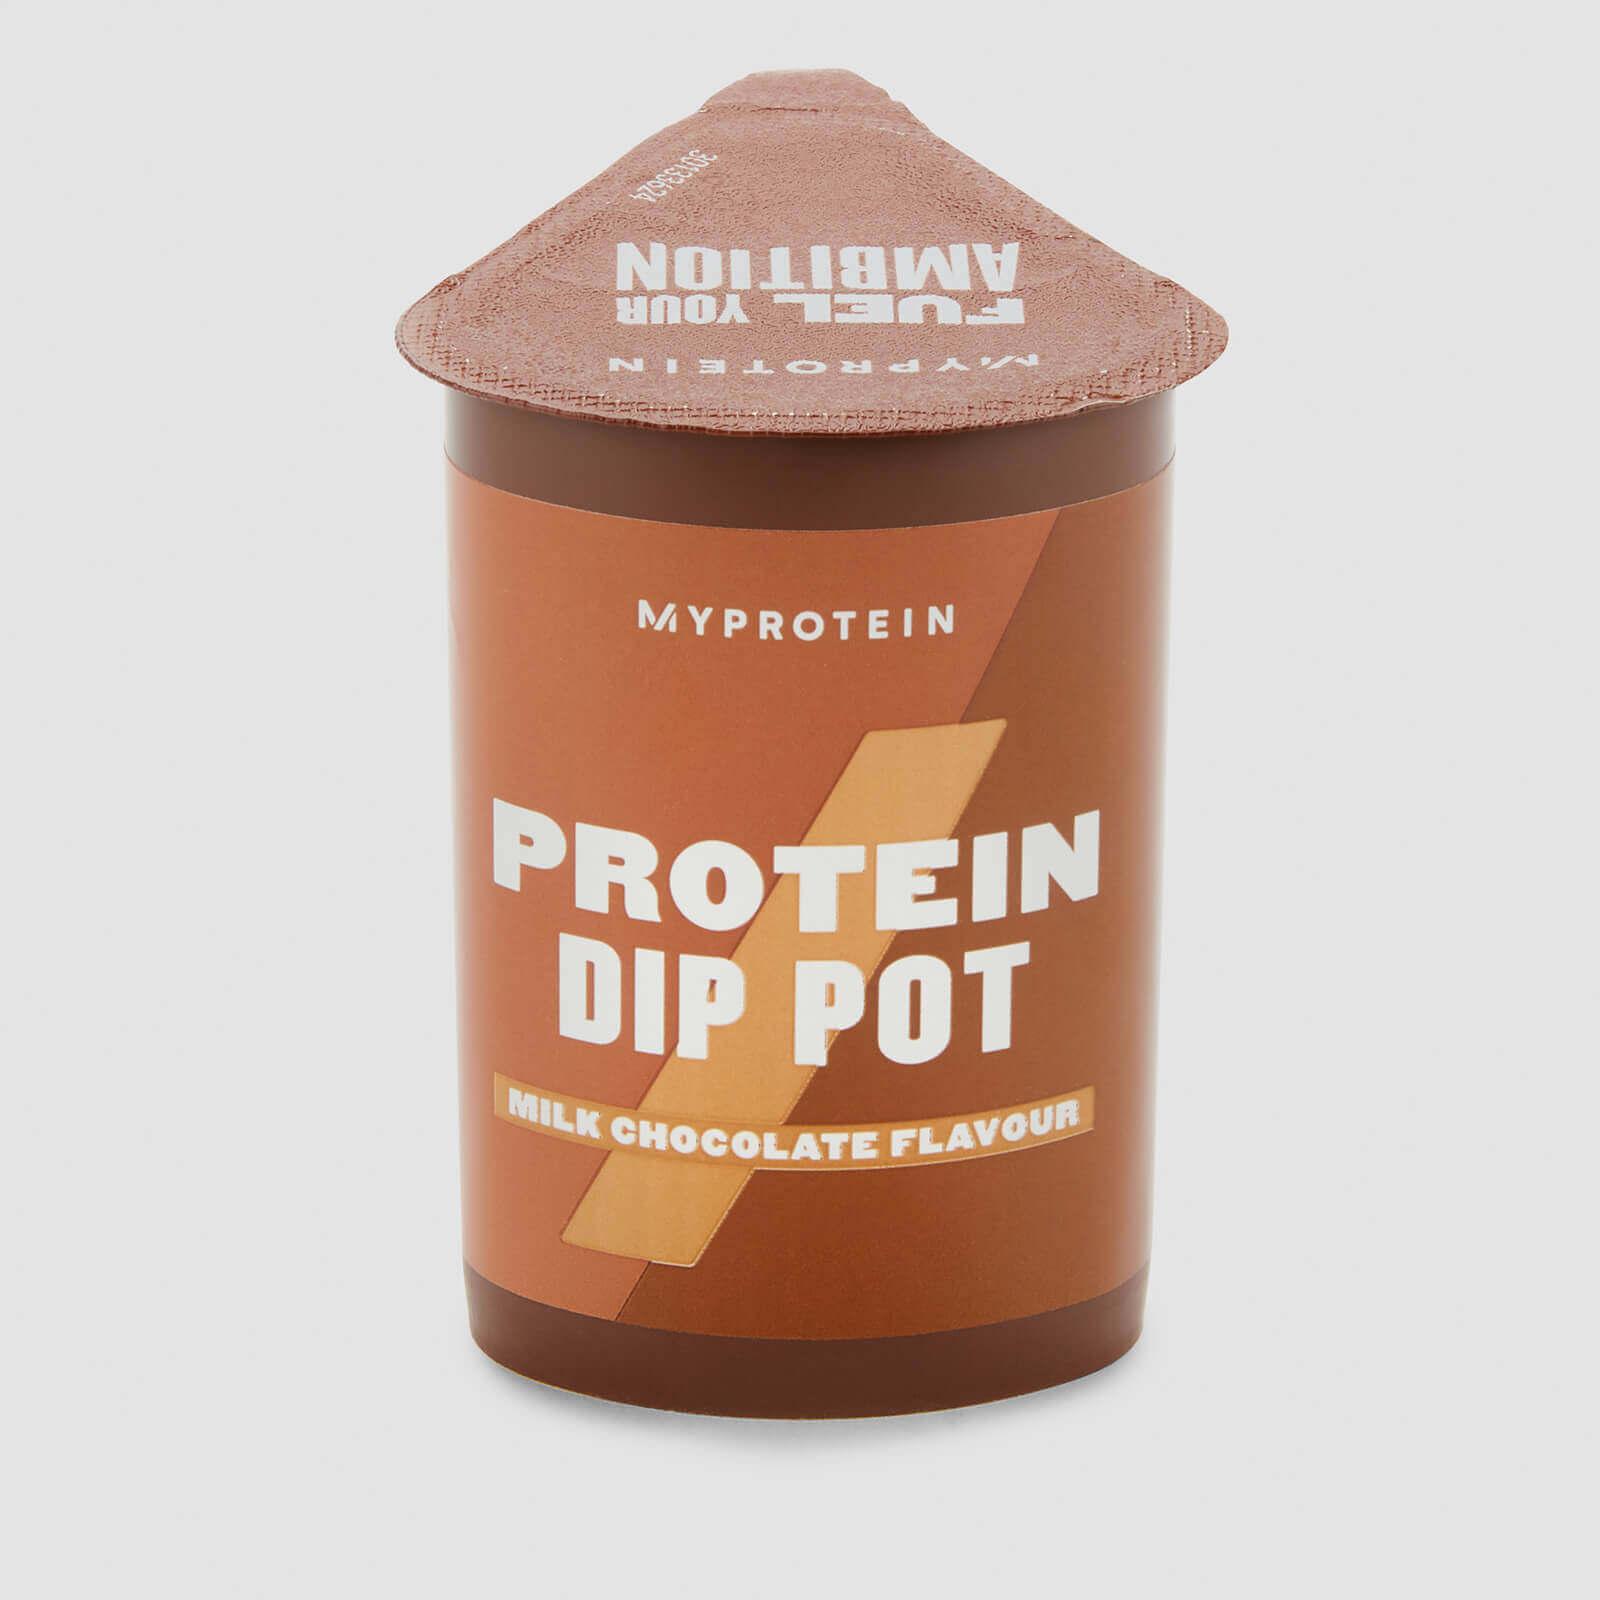 Goûter protéiné - 1servings - Chocolat au lait